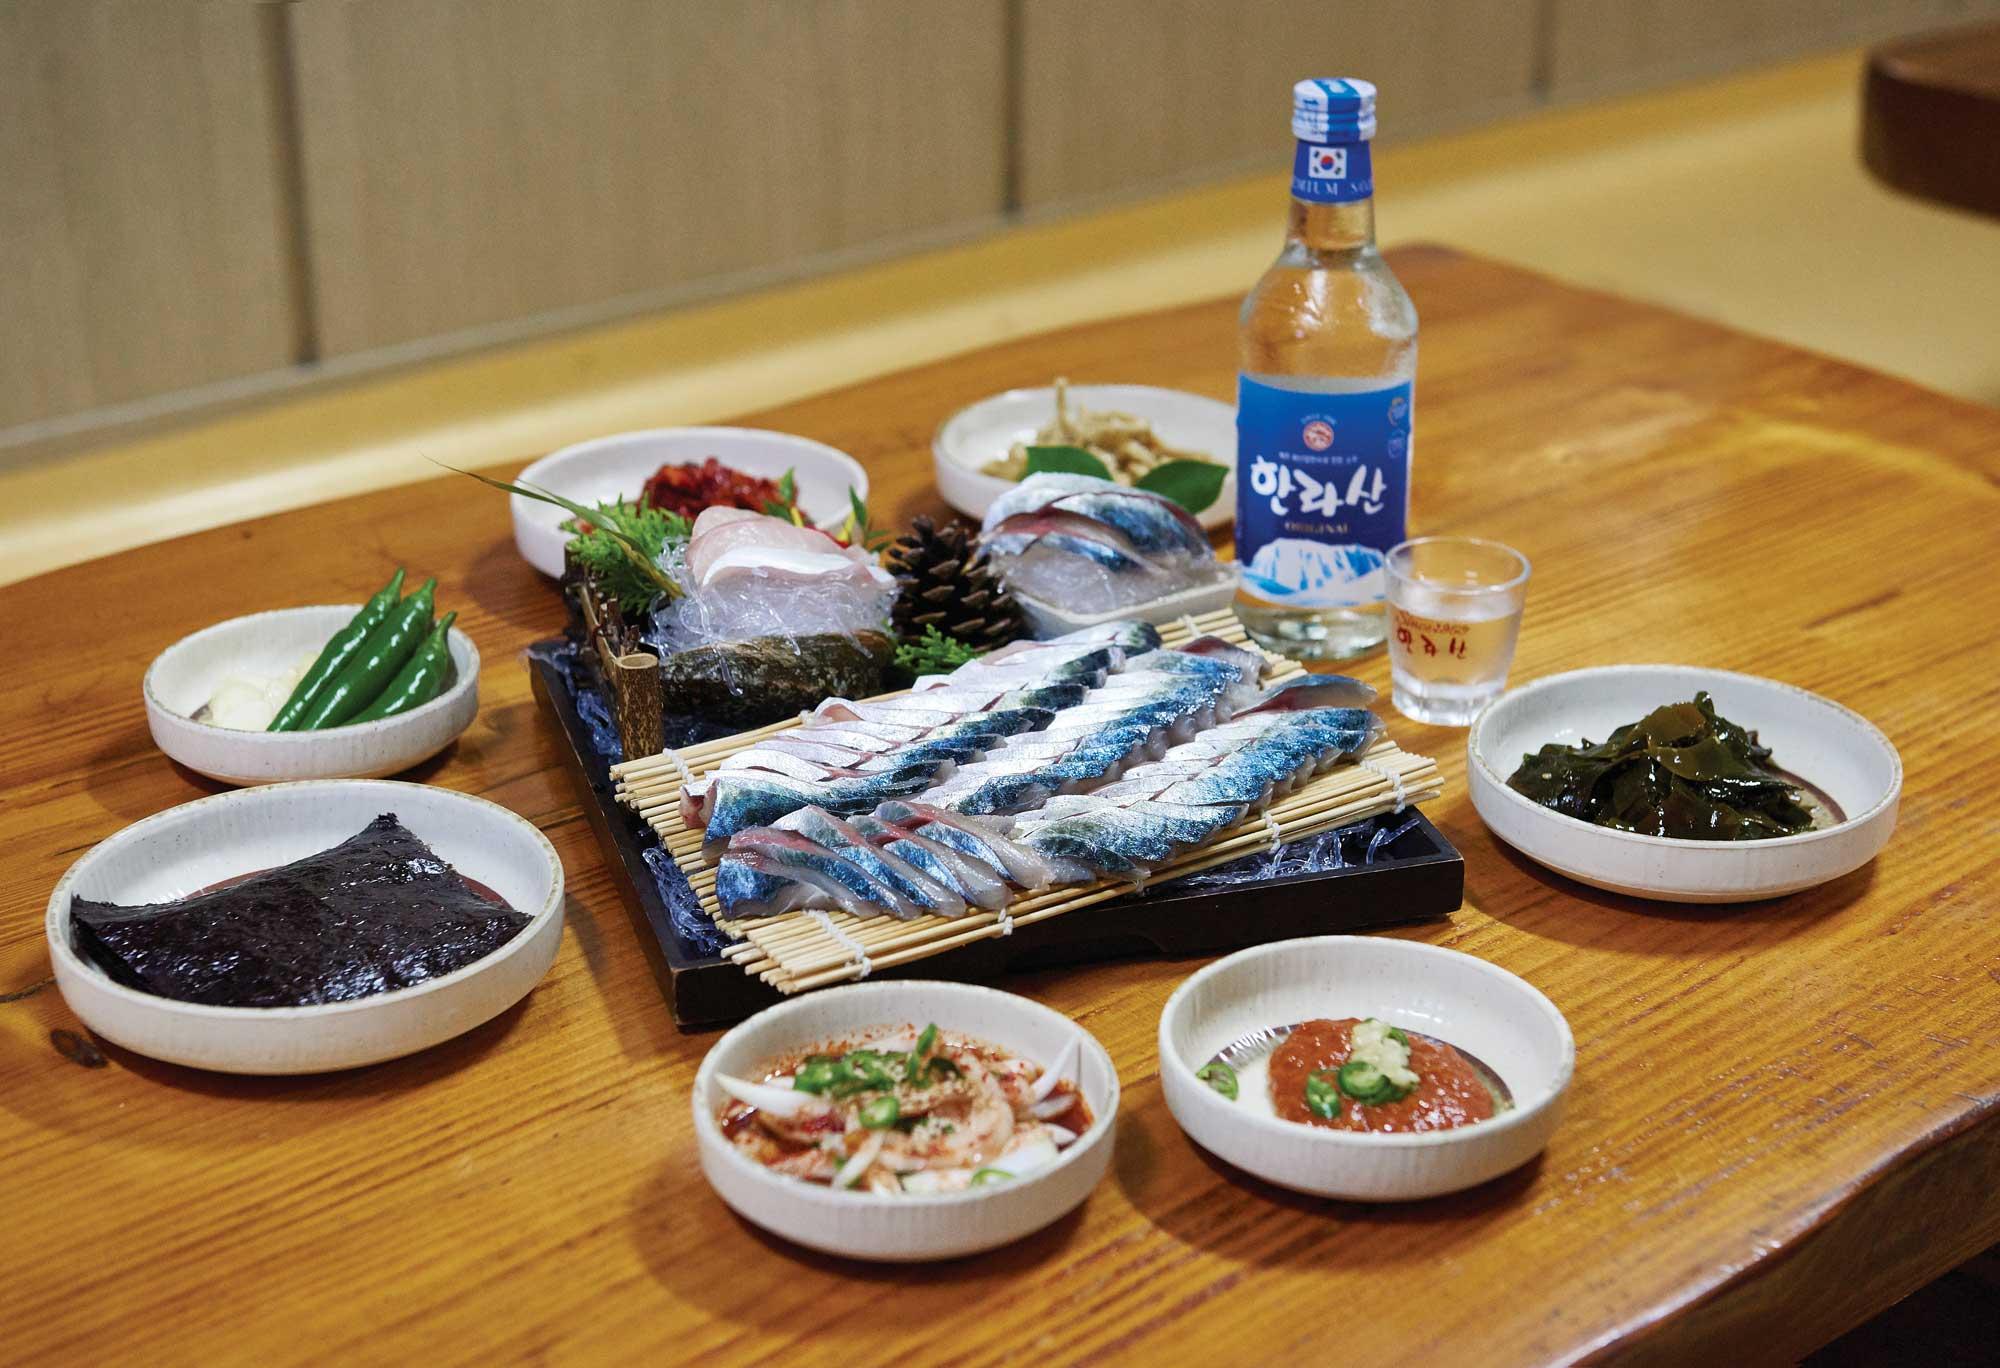 한라산 소주와 먹기 좋은 고등어회. 표선수산마트에서 먹었다.